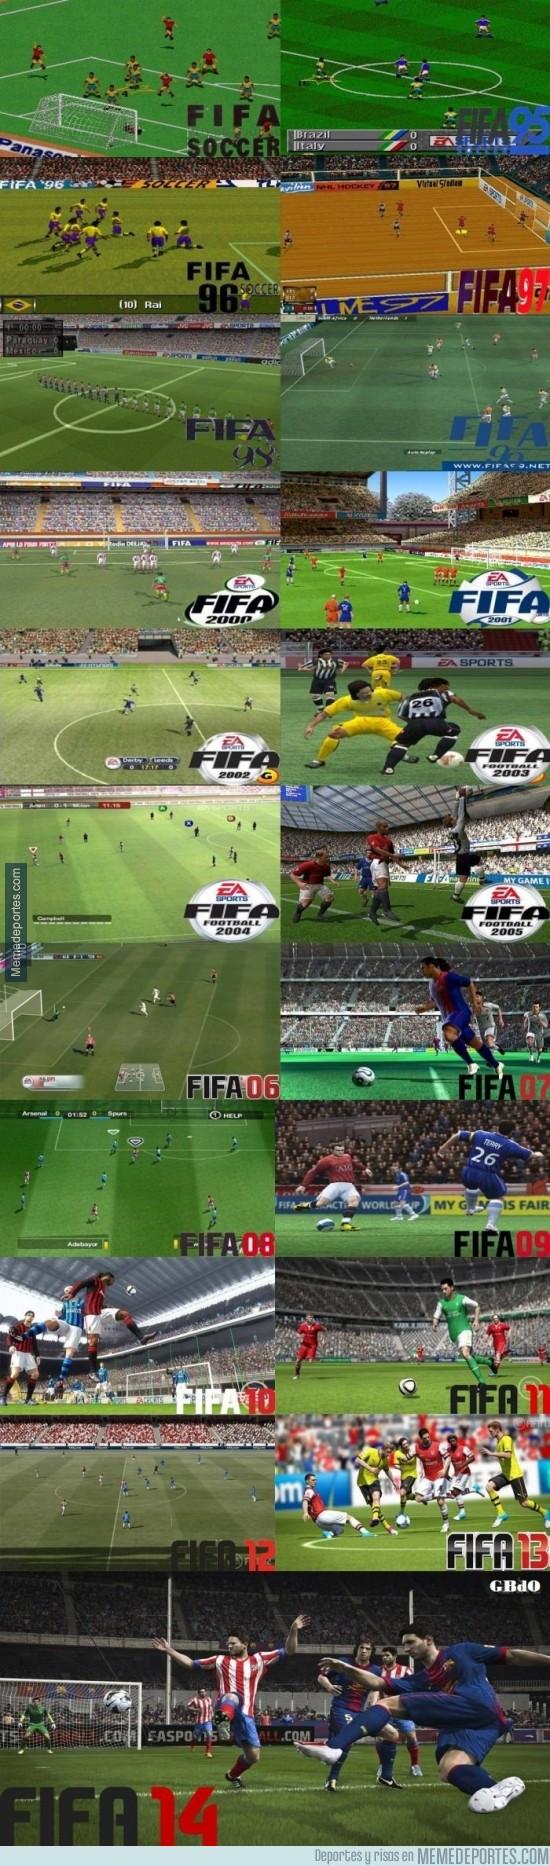 234962 - Evolución gráfica del FIFA